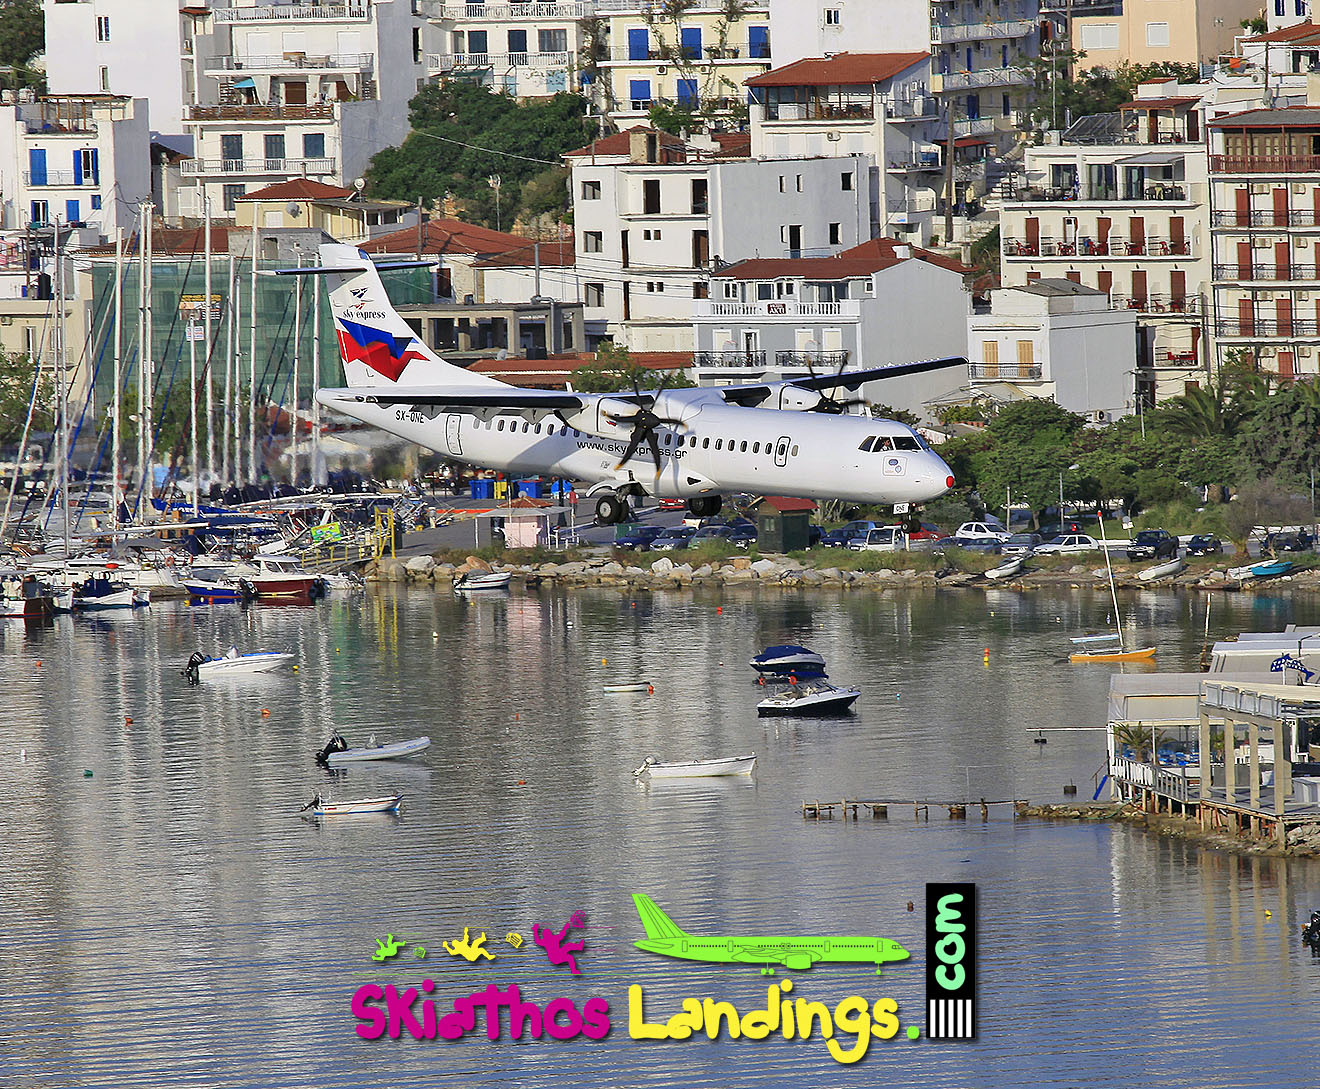 New aircraft for Sky Express ATR72-500 at Skiathos